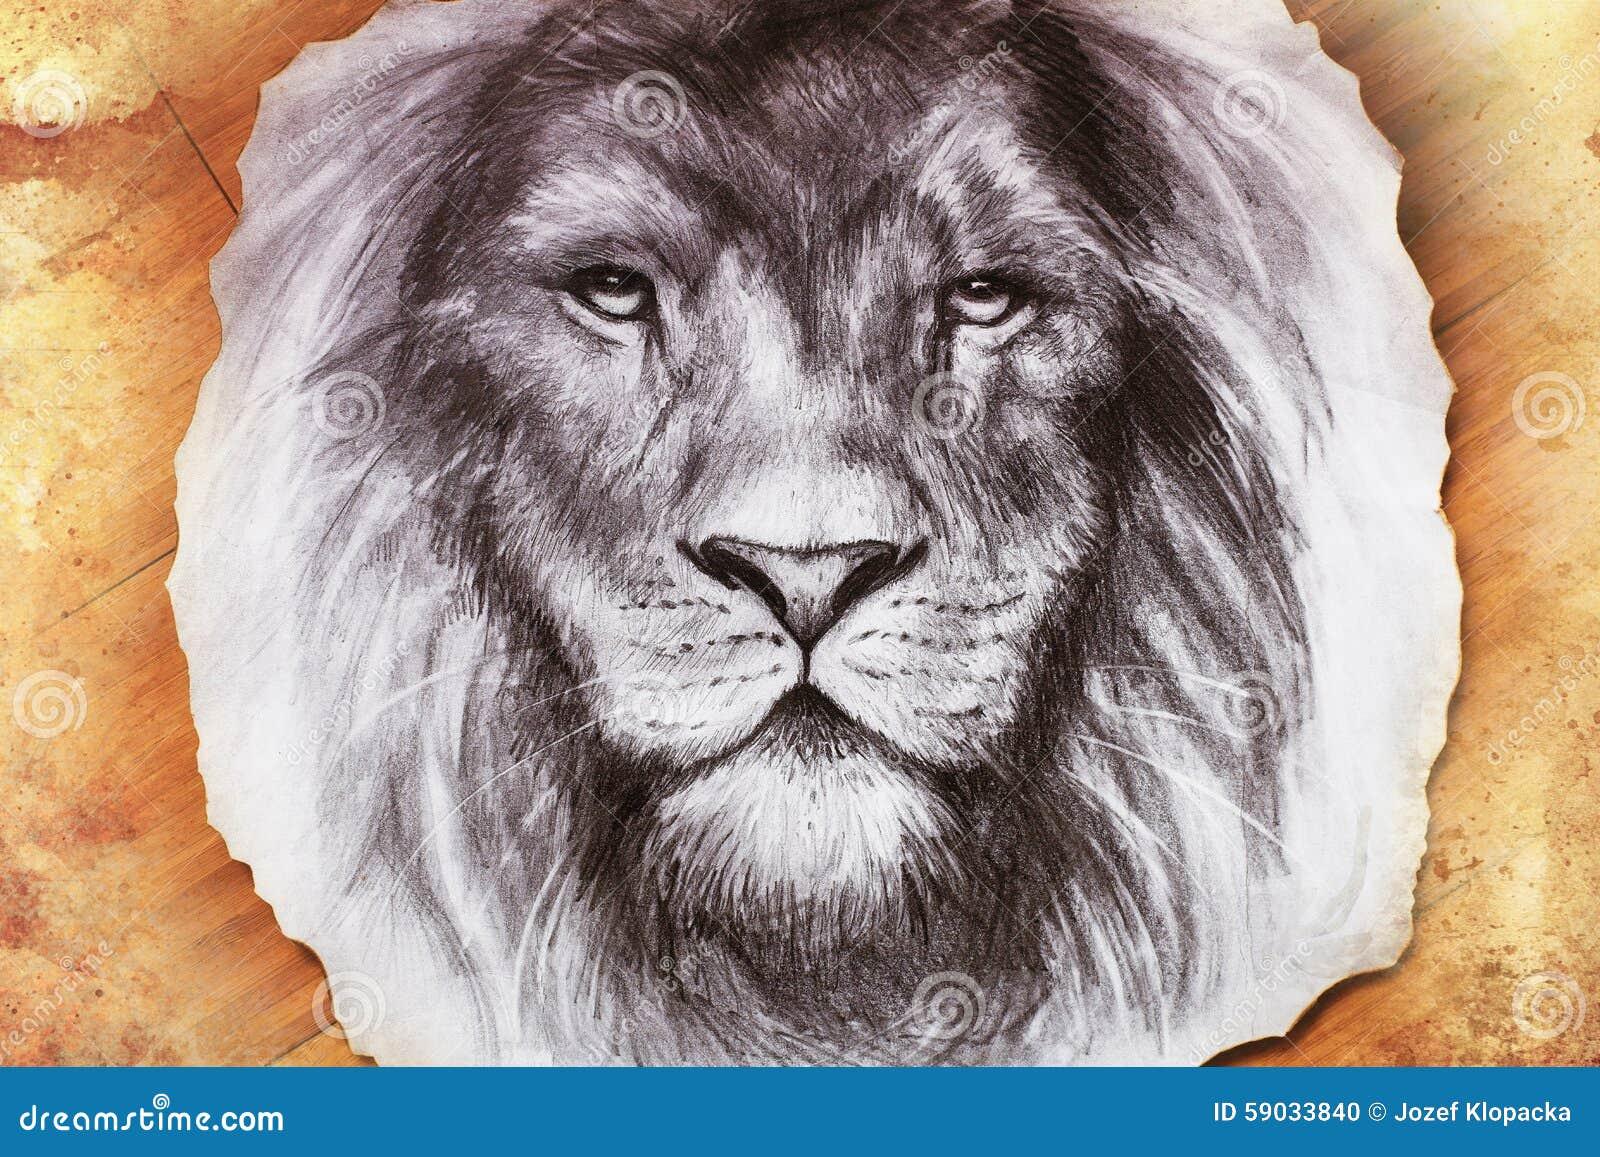 dessin d 39 une t te de lion avec a majestueux illustration stock image 59033840. Black Bedroom Furniture Sets. Home Design Ideas